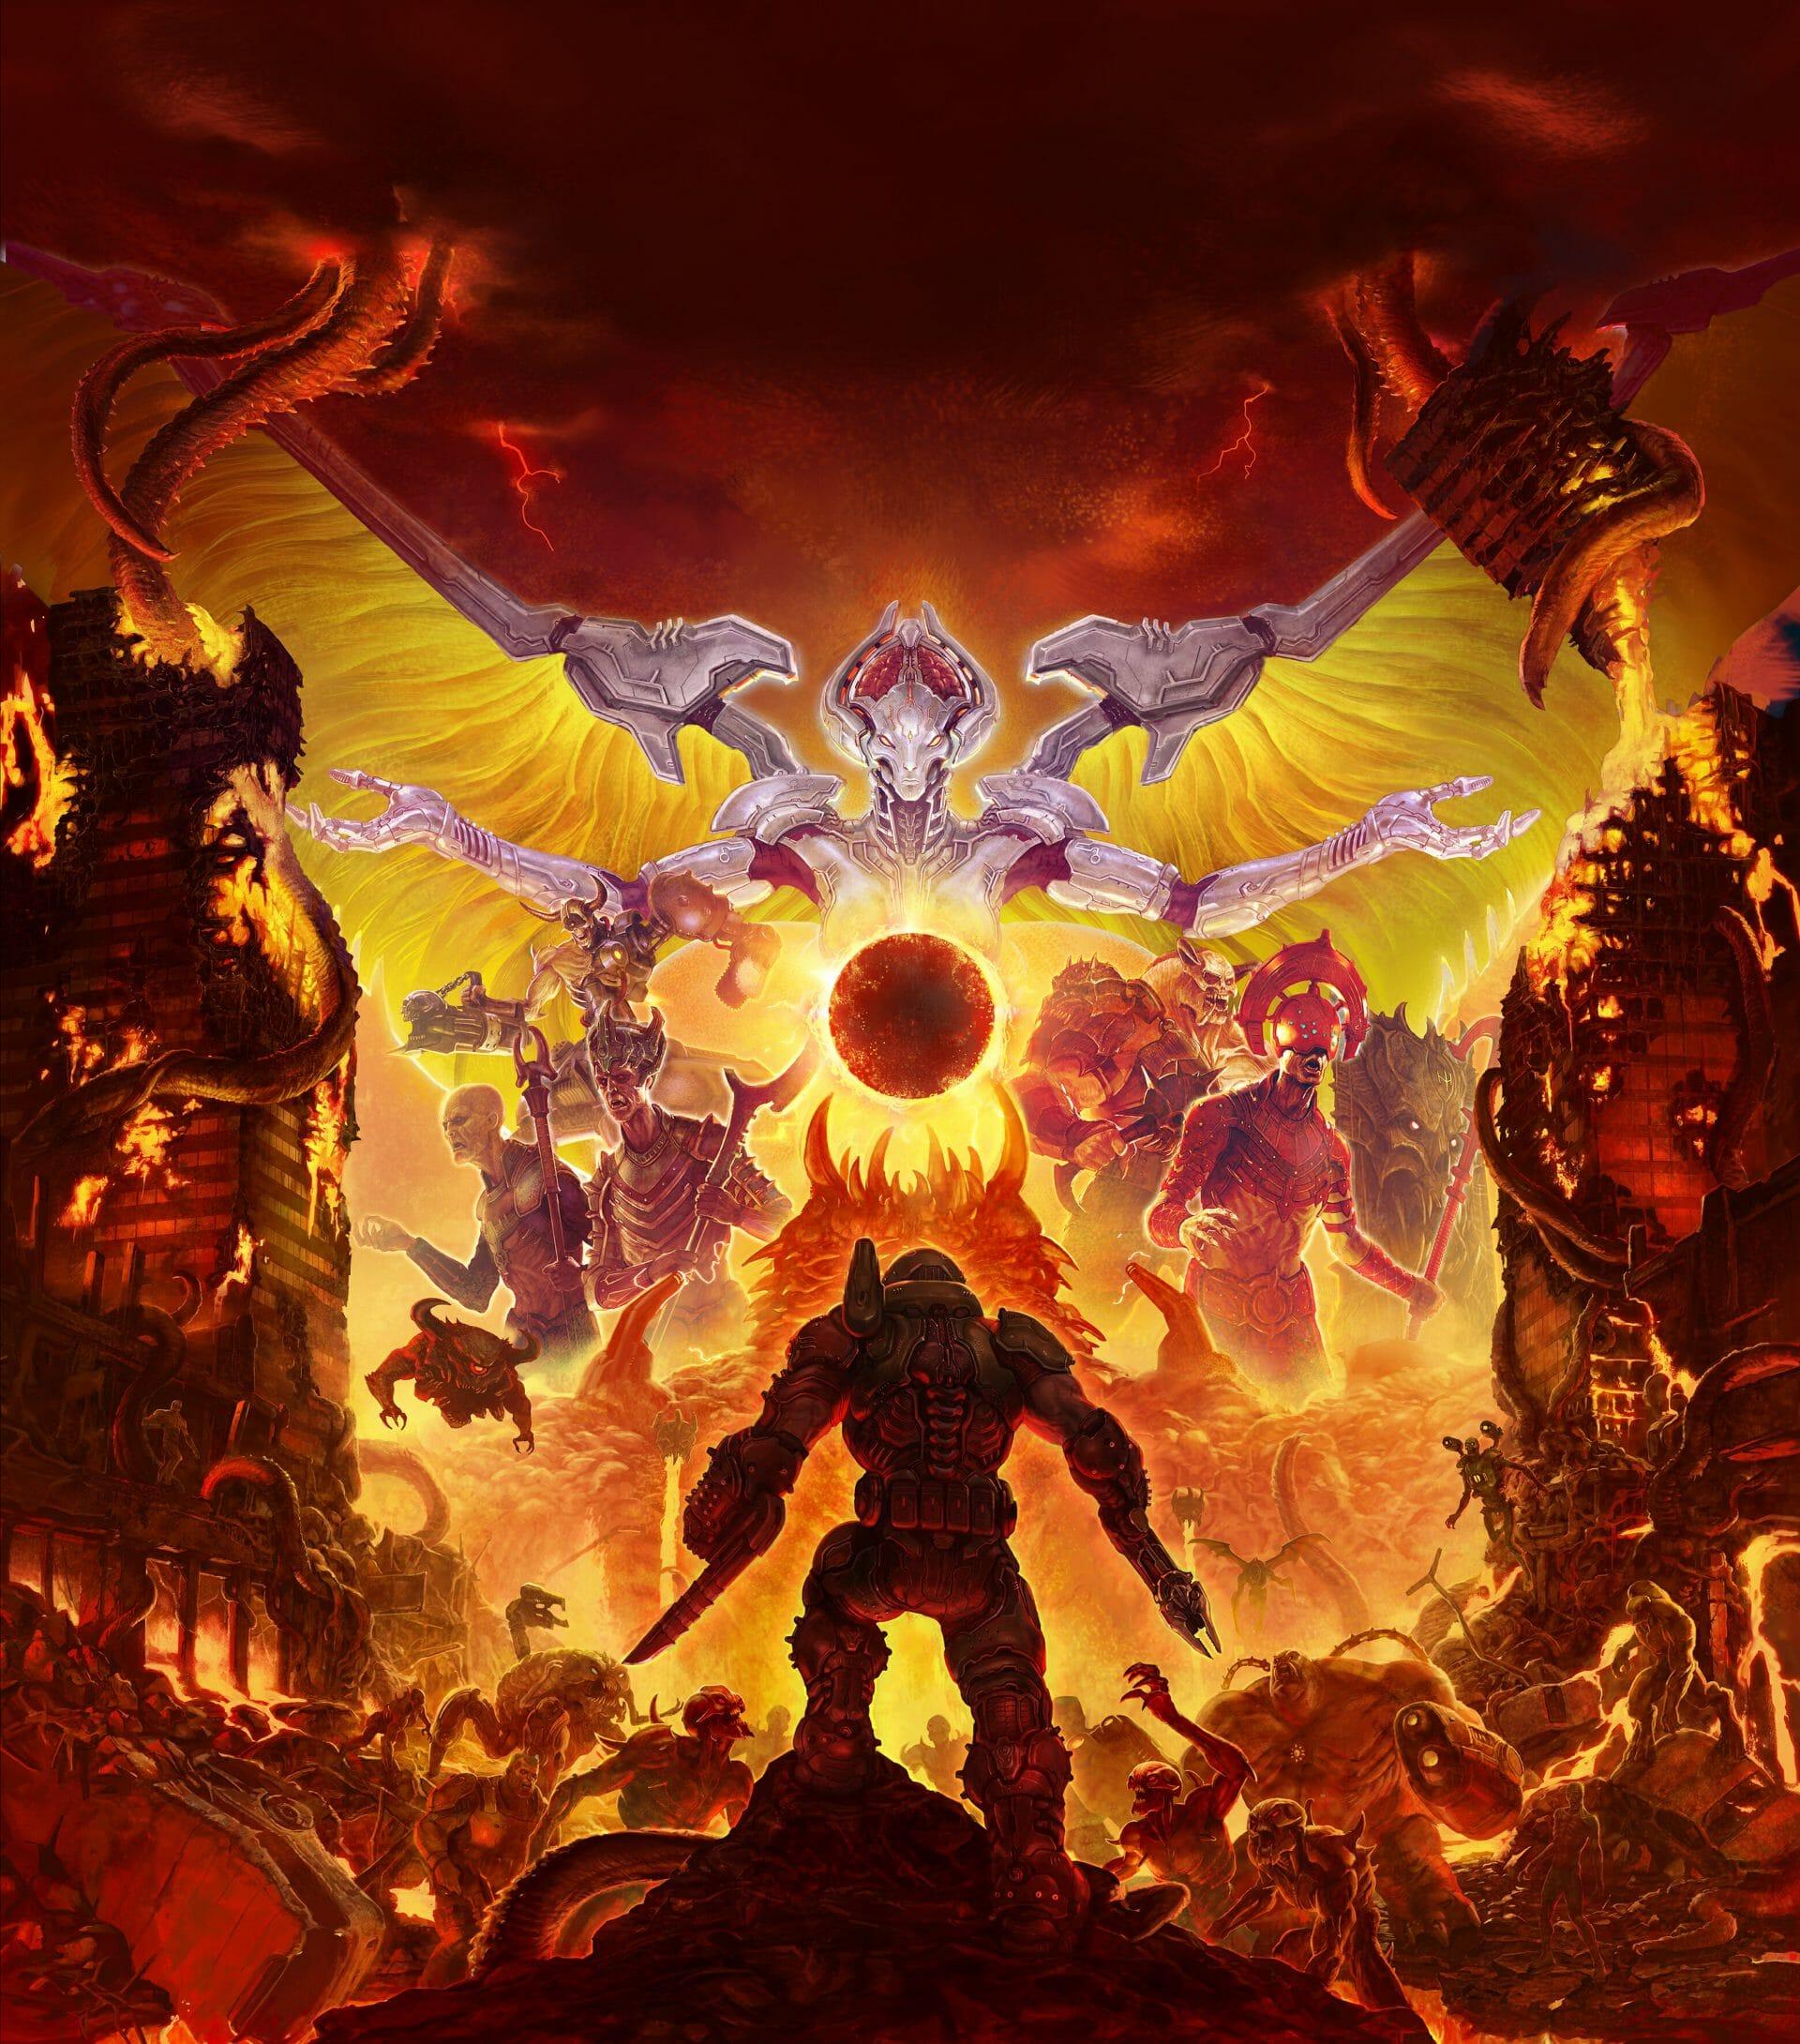 The origins of the Doom Slayer